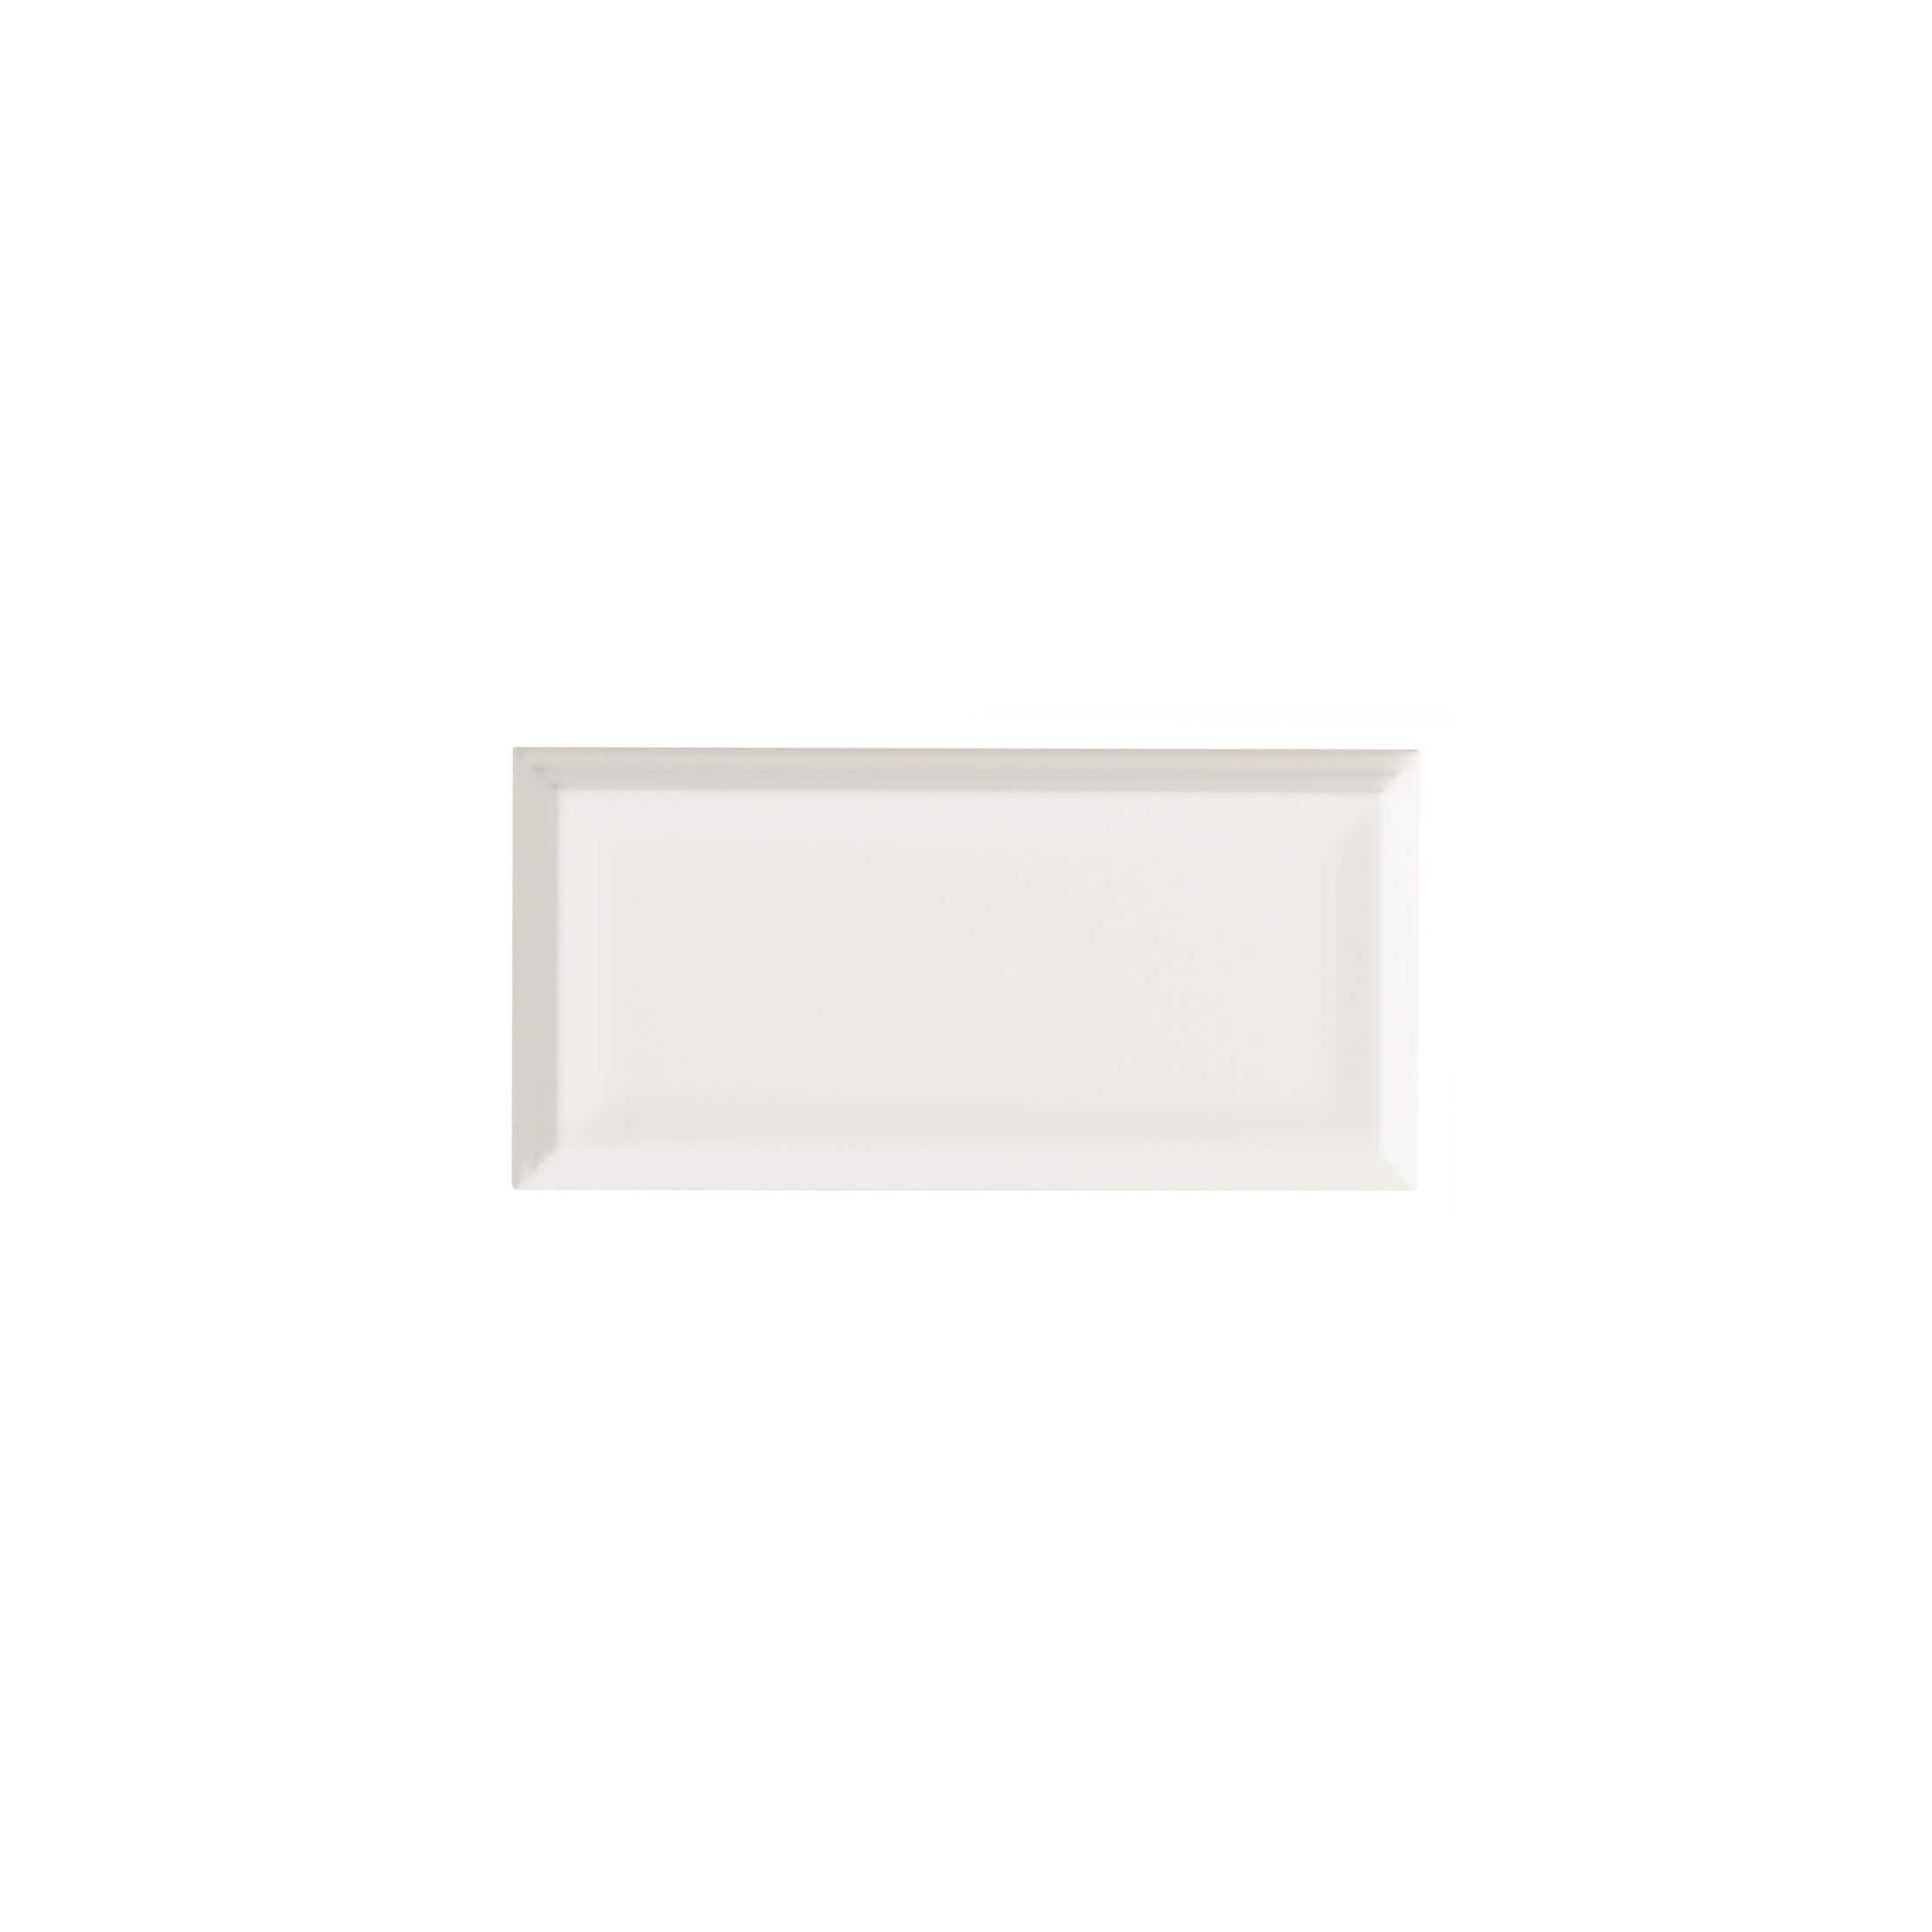 ADST1072 - LISO FRAMED - 7.3 cm X 14.8 cm